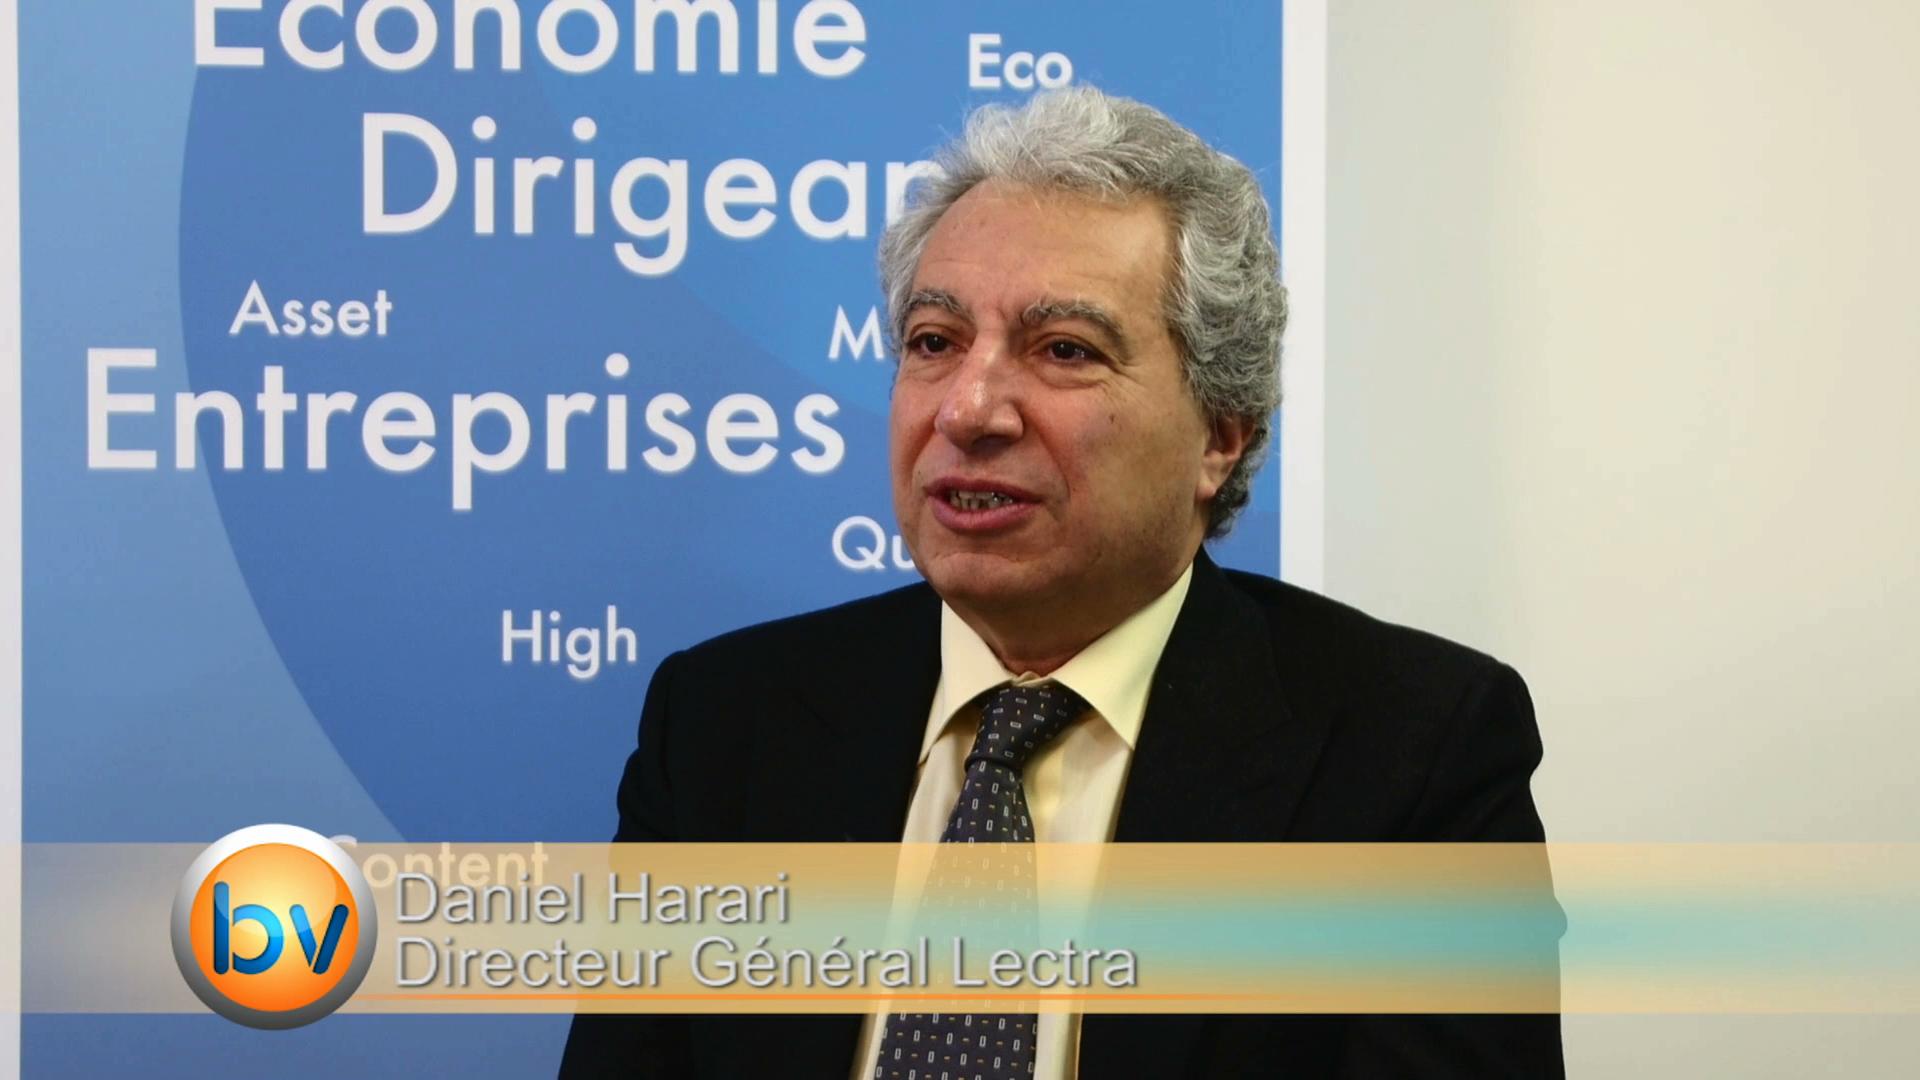 """Daniel Harari Directeur Général Lectra : """"On a fait une transformation en profondeur"""""""